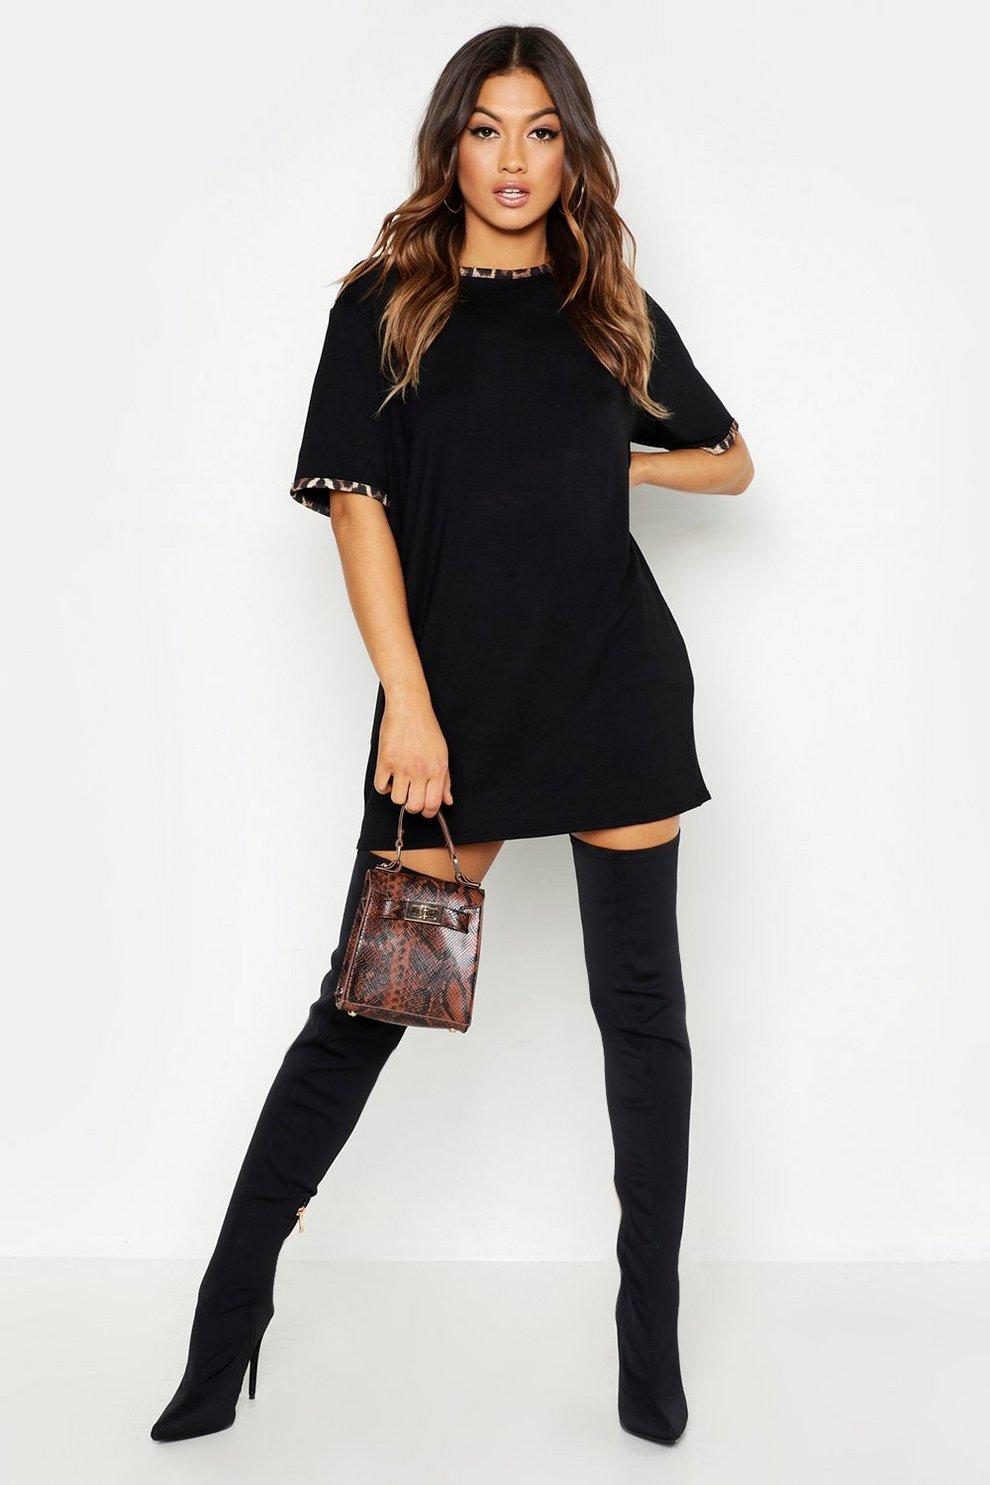 62974b03c5f1e0 Womens Black Leopard Print Contrast Trim T-Shirt Dress